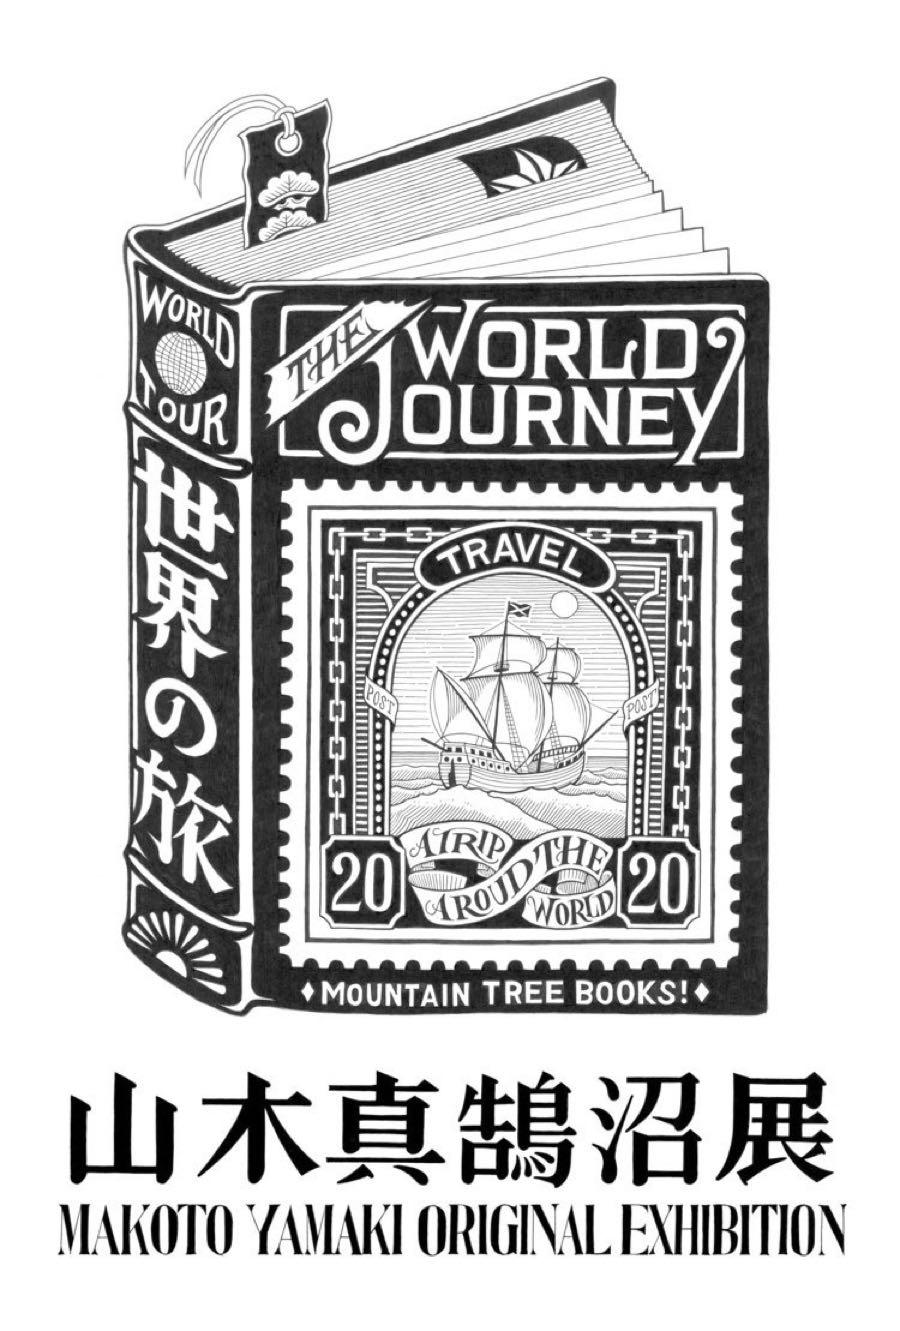 ストリートなイベント【神奈川】山木真鵠沼展 PCを未だに持たず、鉛筆でレタリングするアーティストの展示イベント!